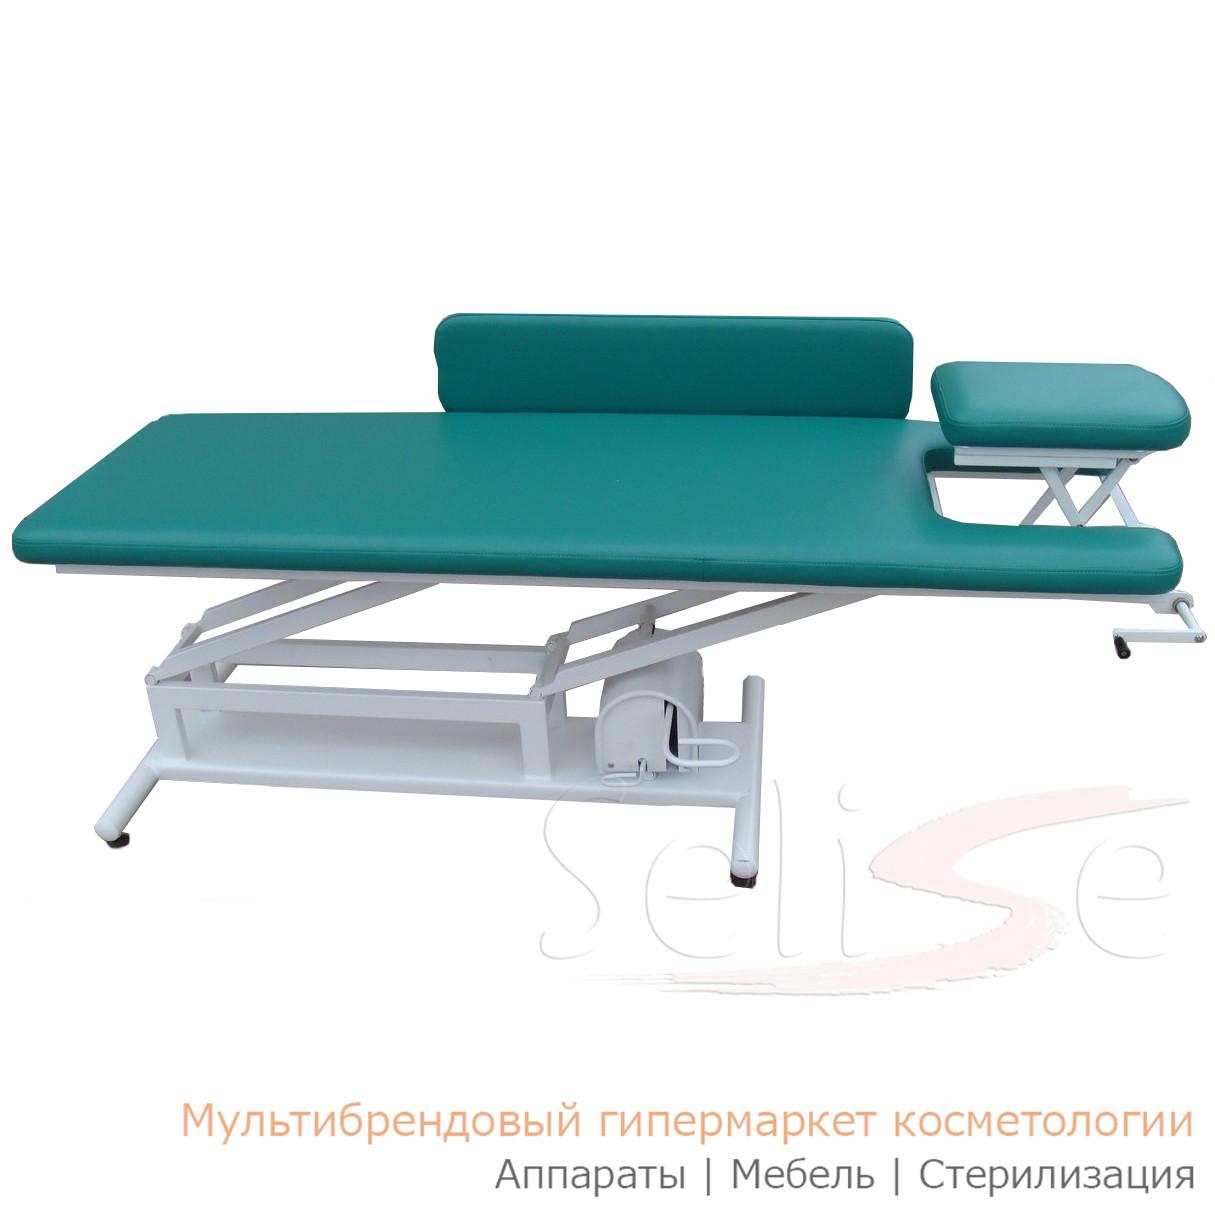 Кушетка эндоскопическая(гидравлическая регулировка высоты)